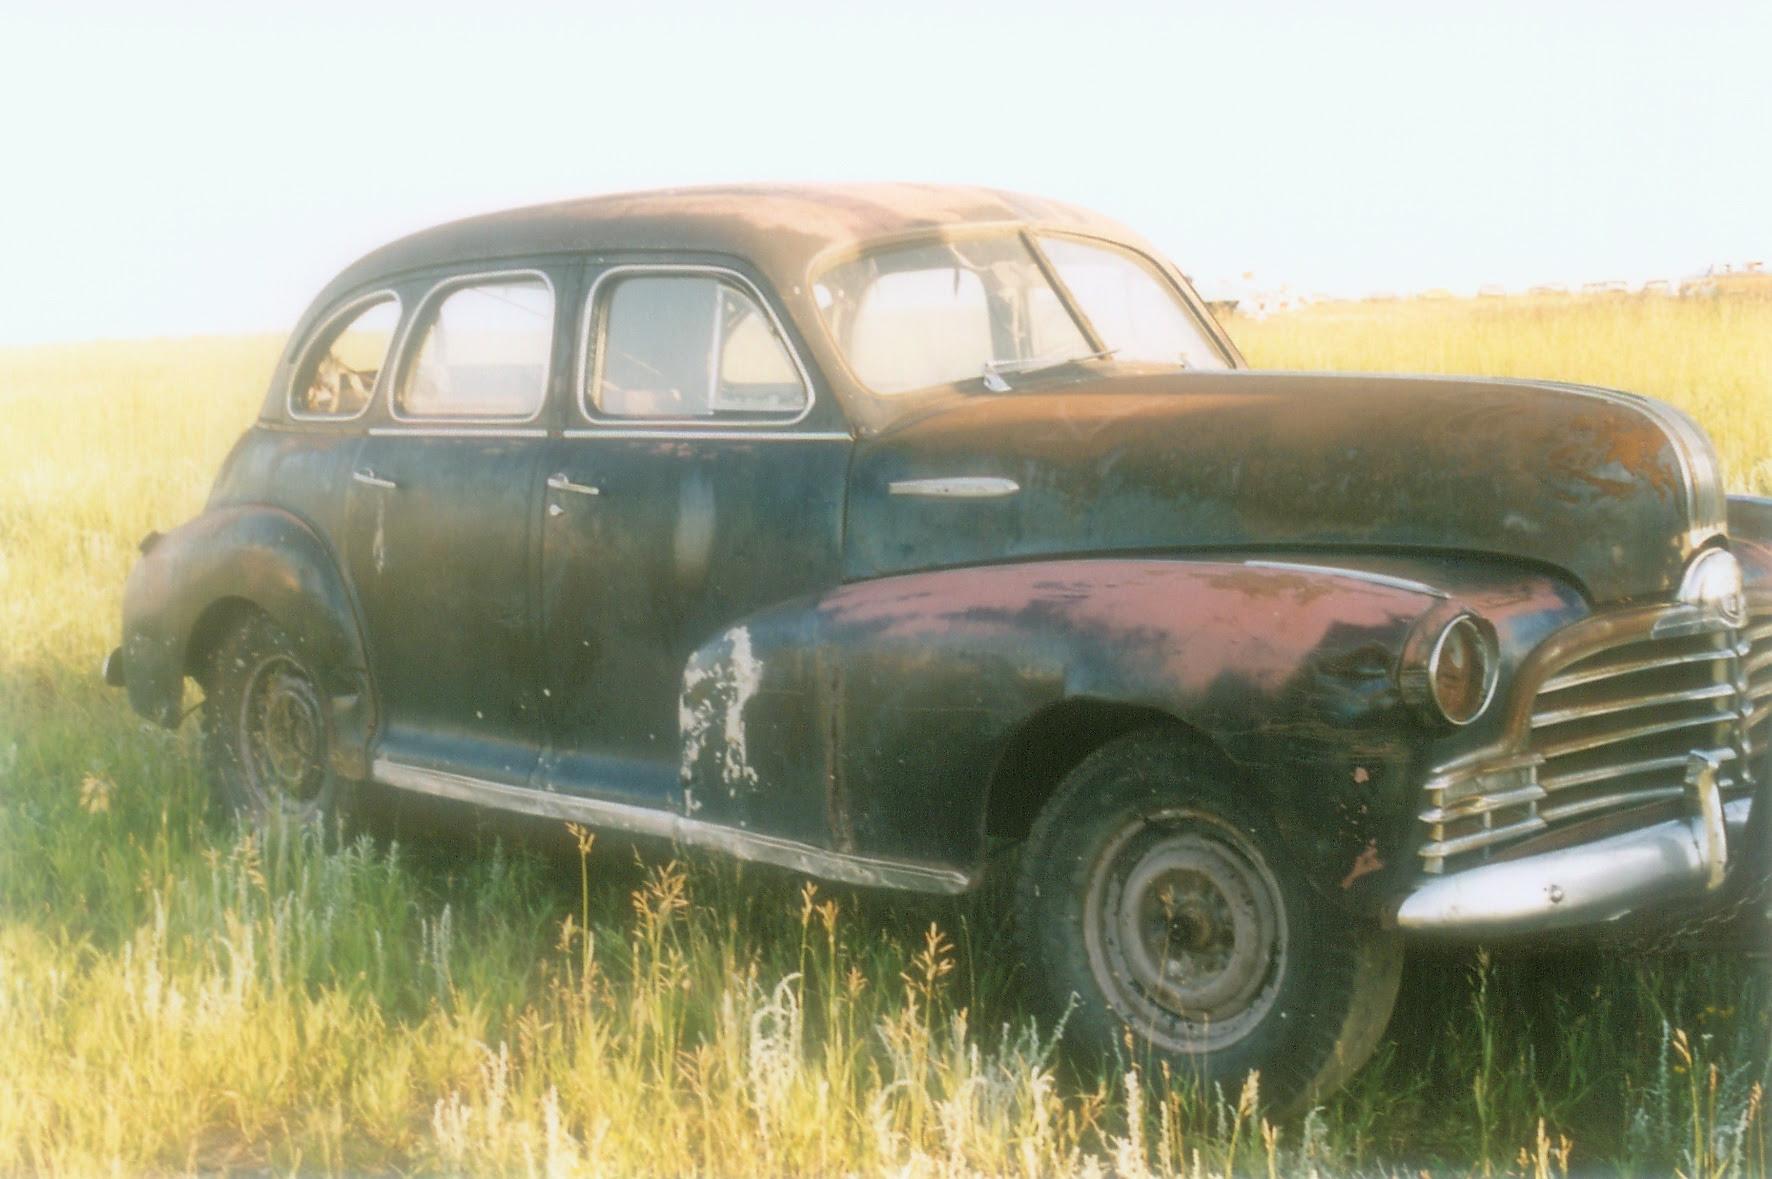 http://www.callingallcars.ca/car_pics/387FR.jpg